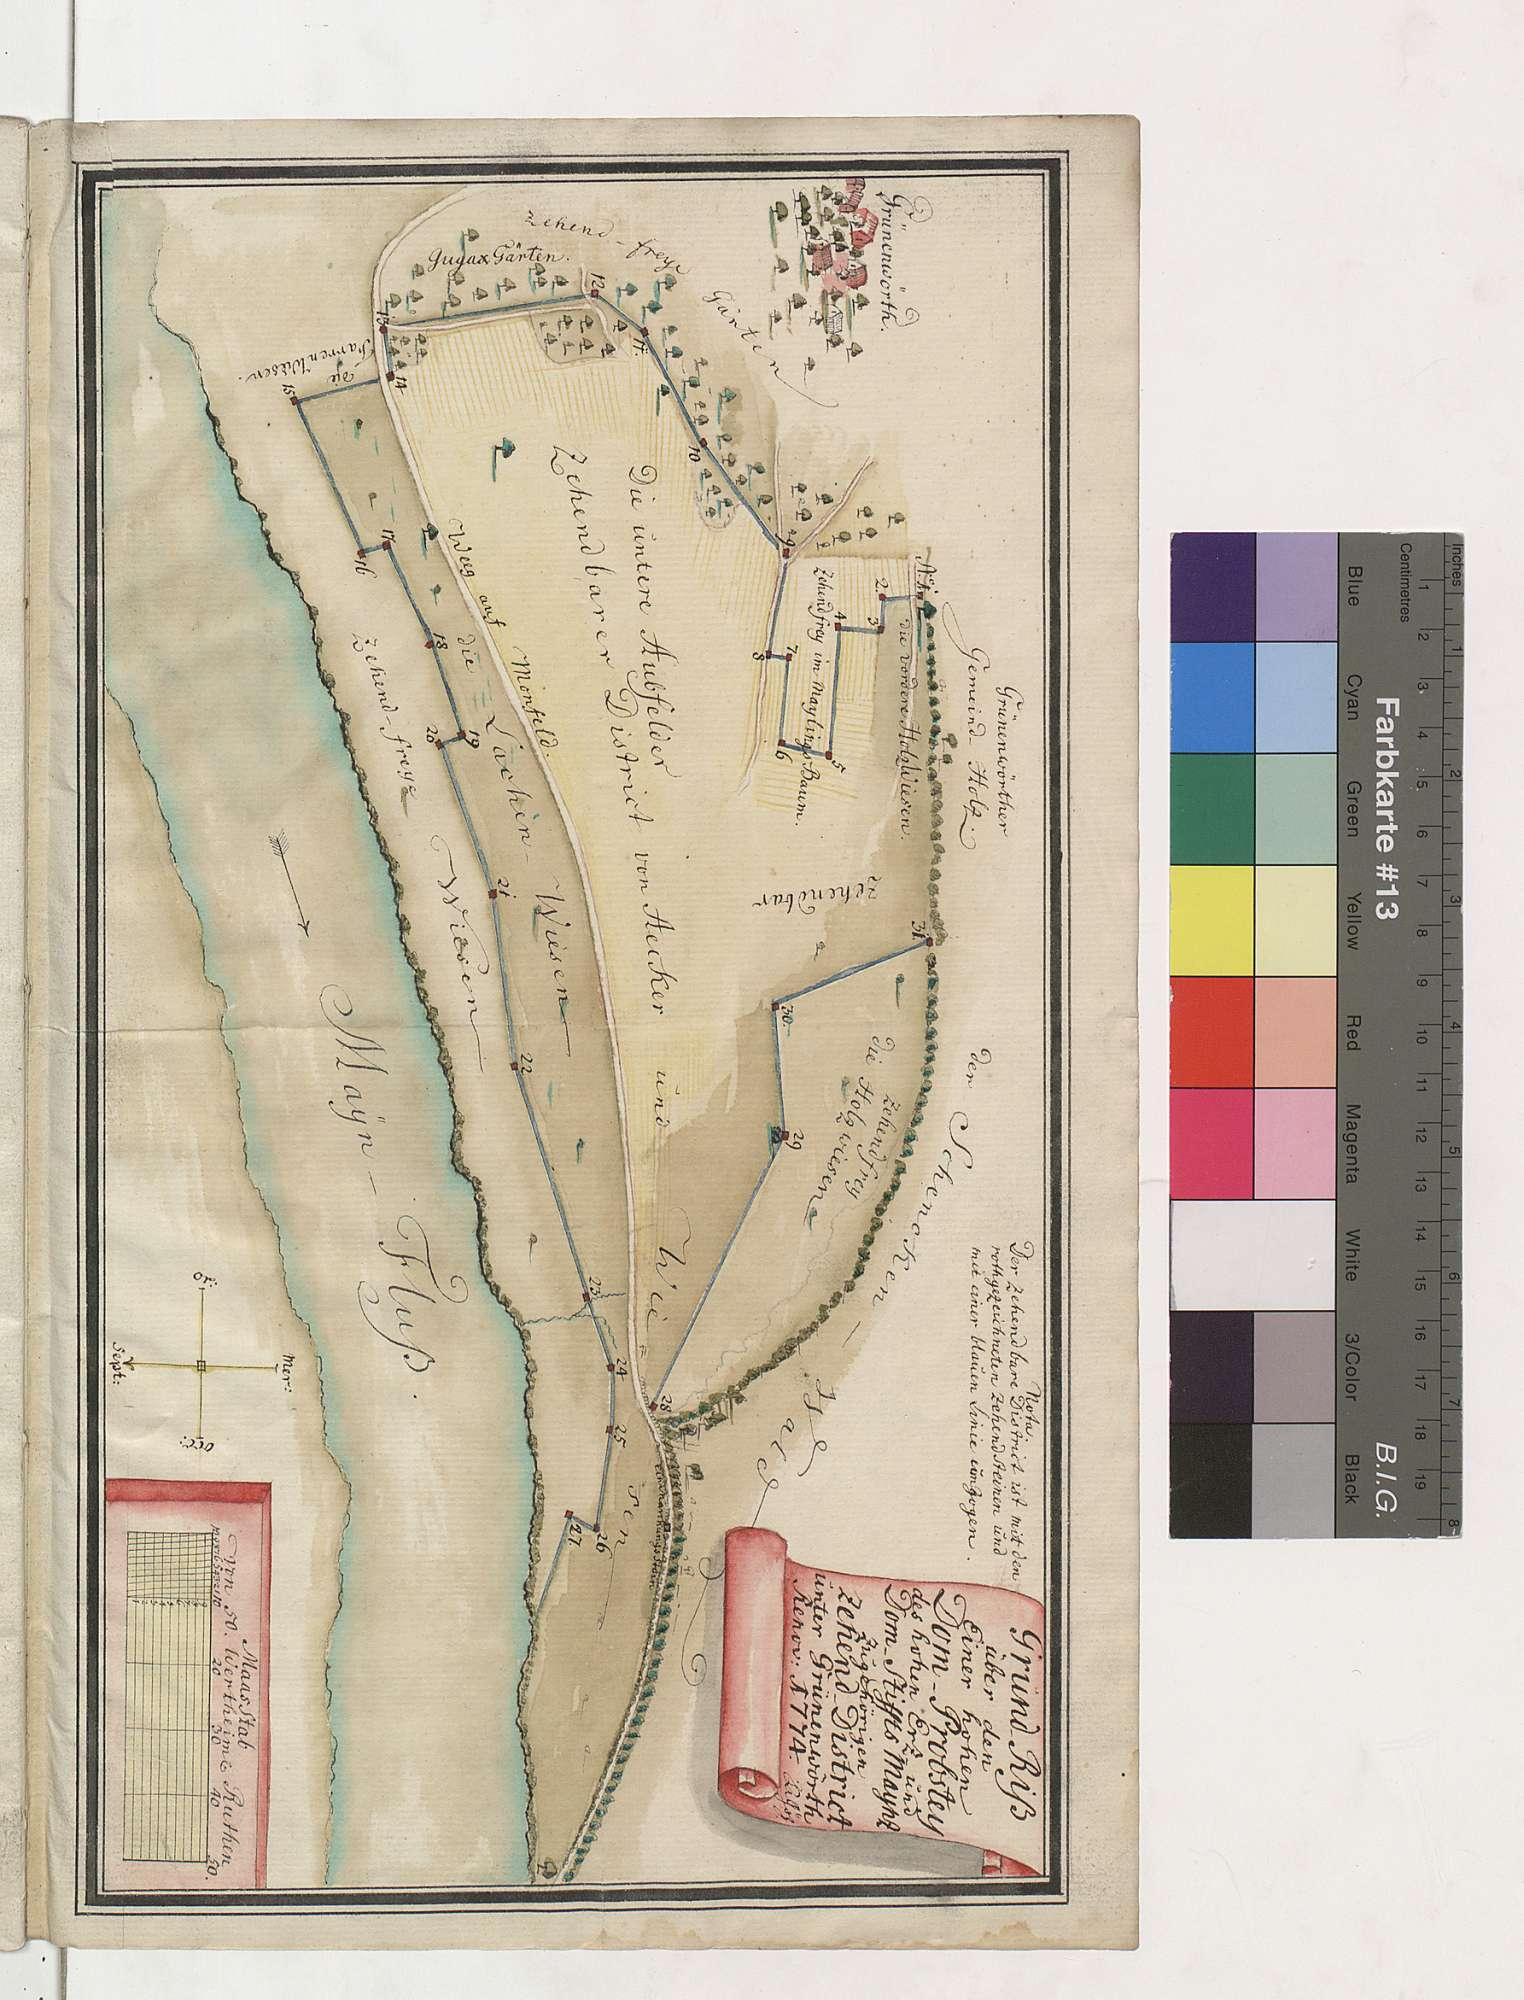 Grundriss über den einer hohen Dom-Probstei des hohen Erz- und Domstifts Mainz zugehörigen Zehend-Distrikt unter Grünenwört, Bild 1